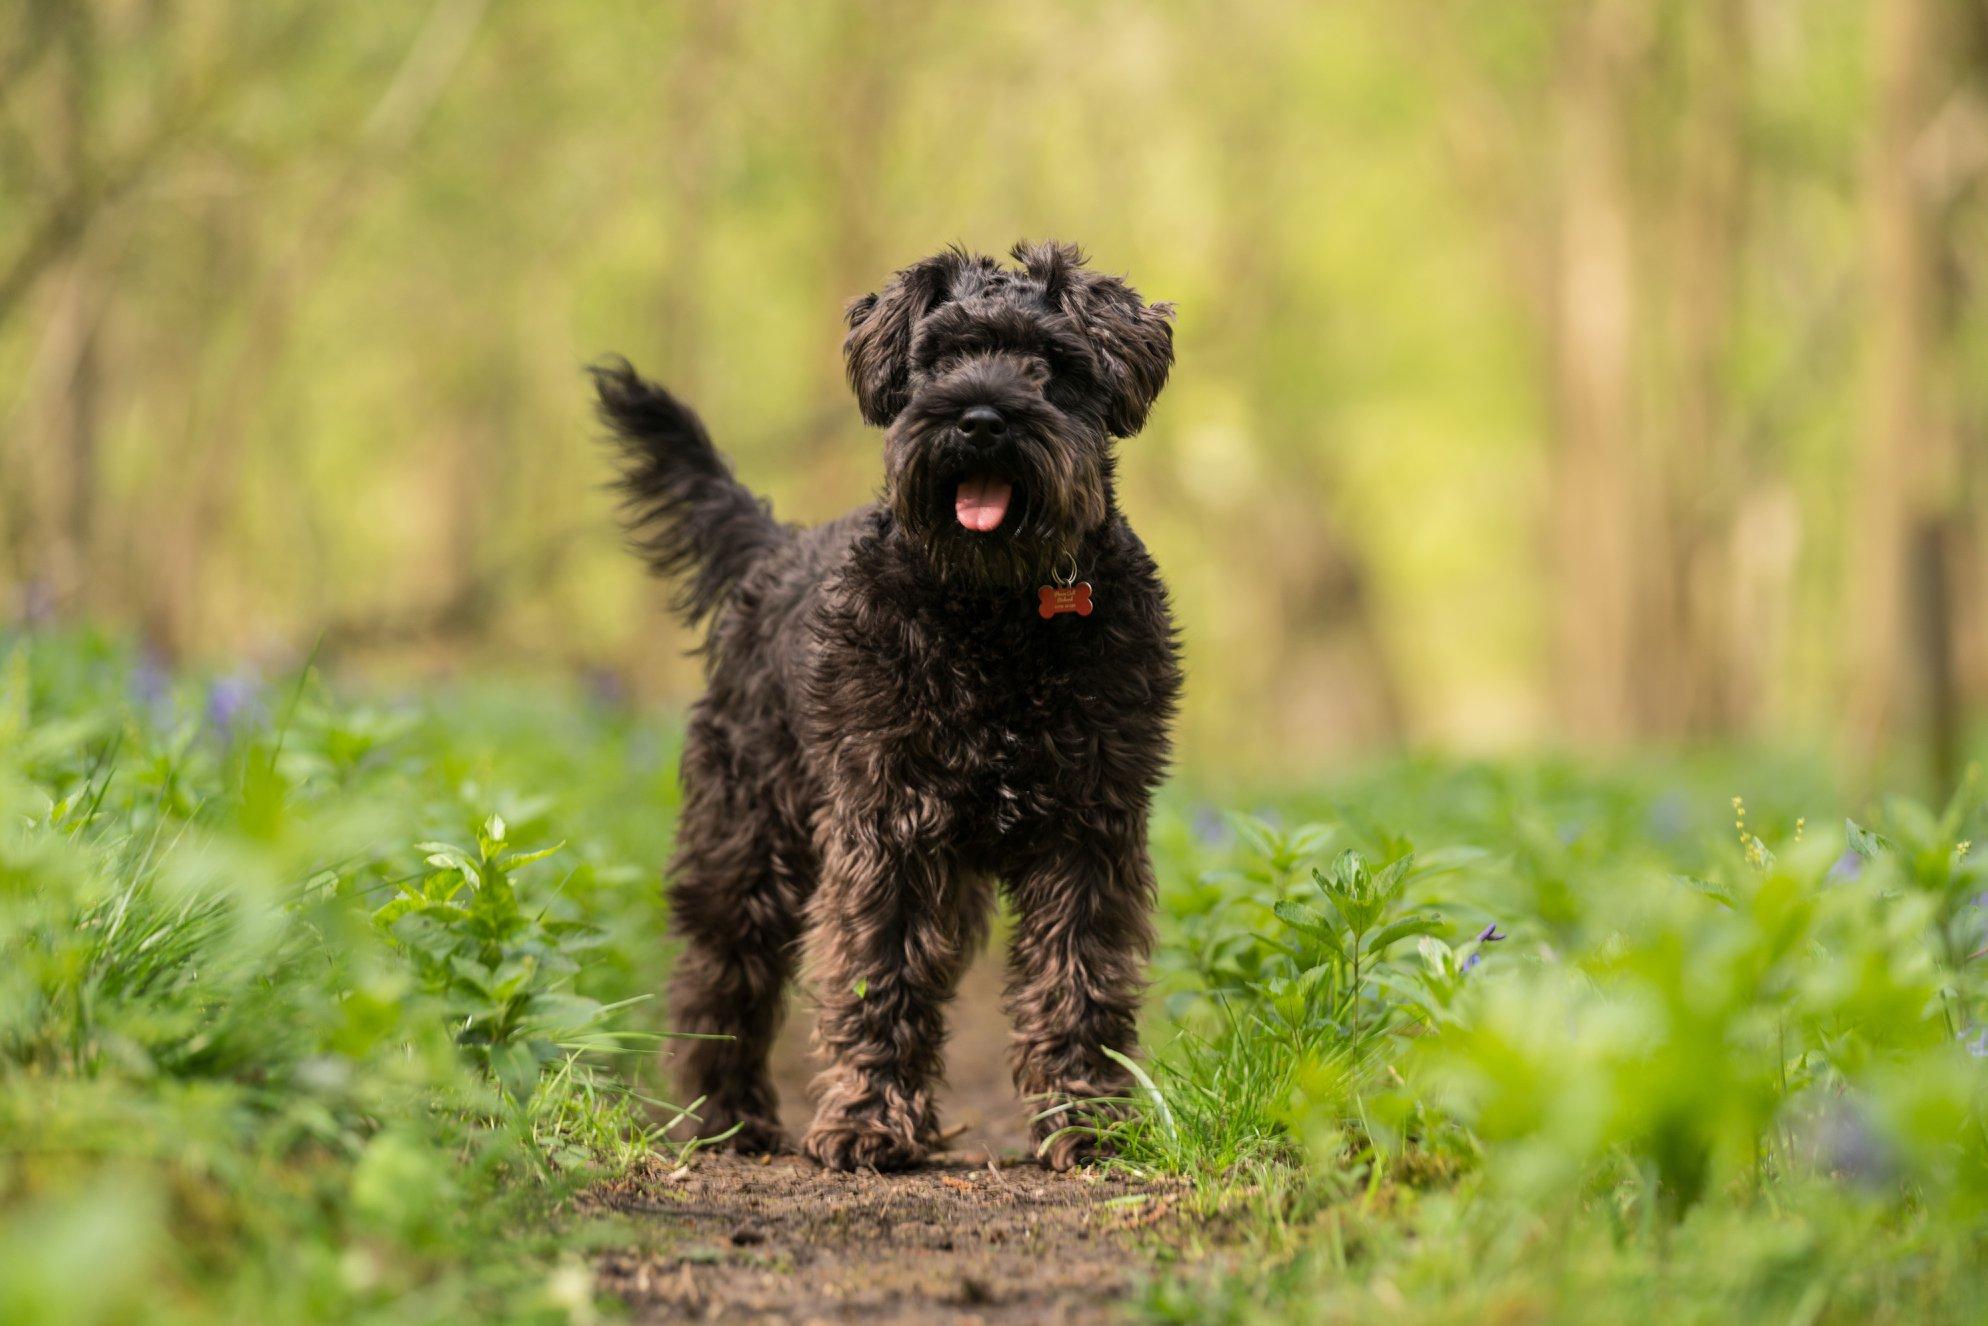 wilma stolen amazon dog